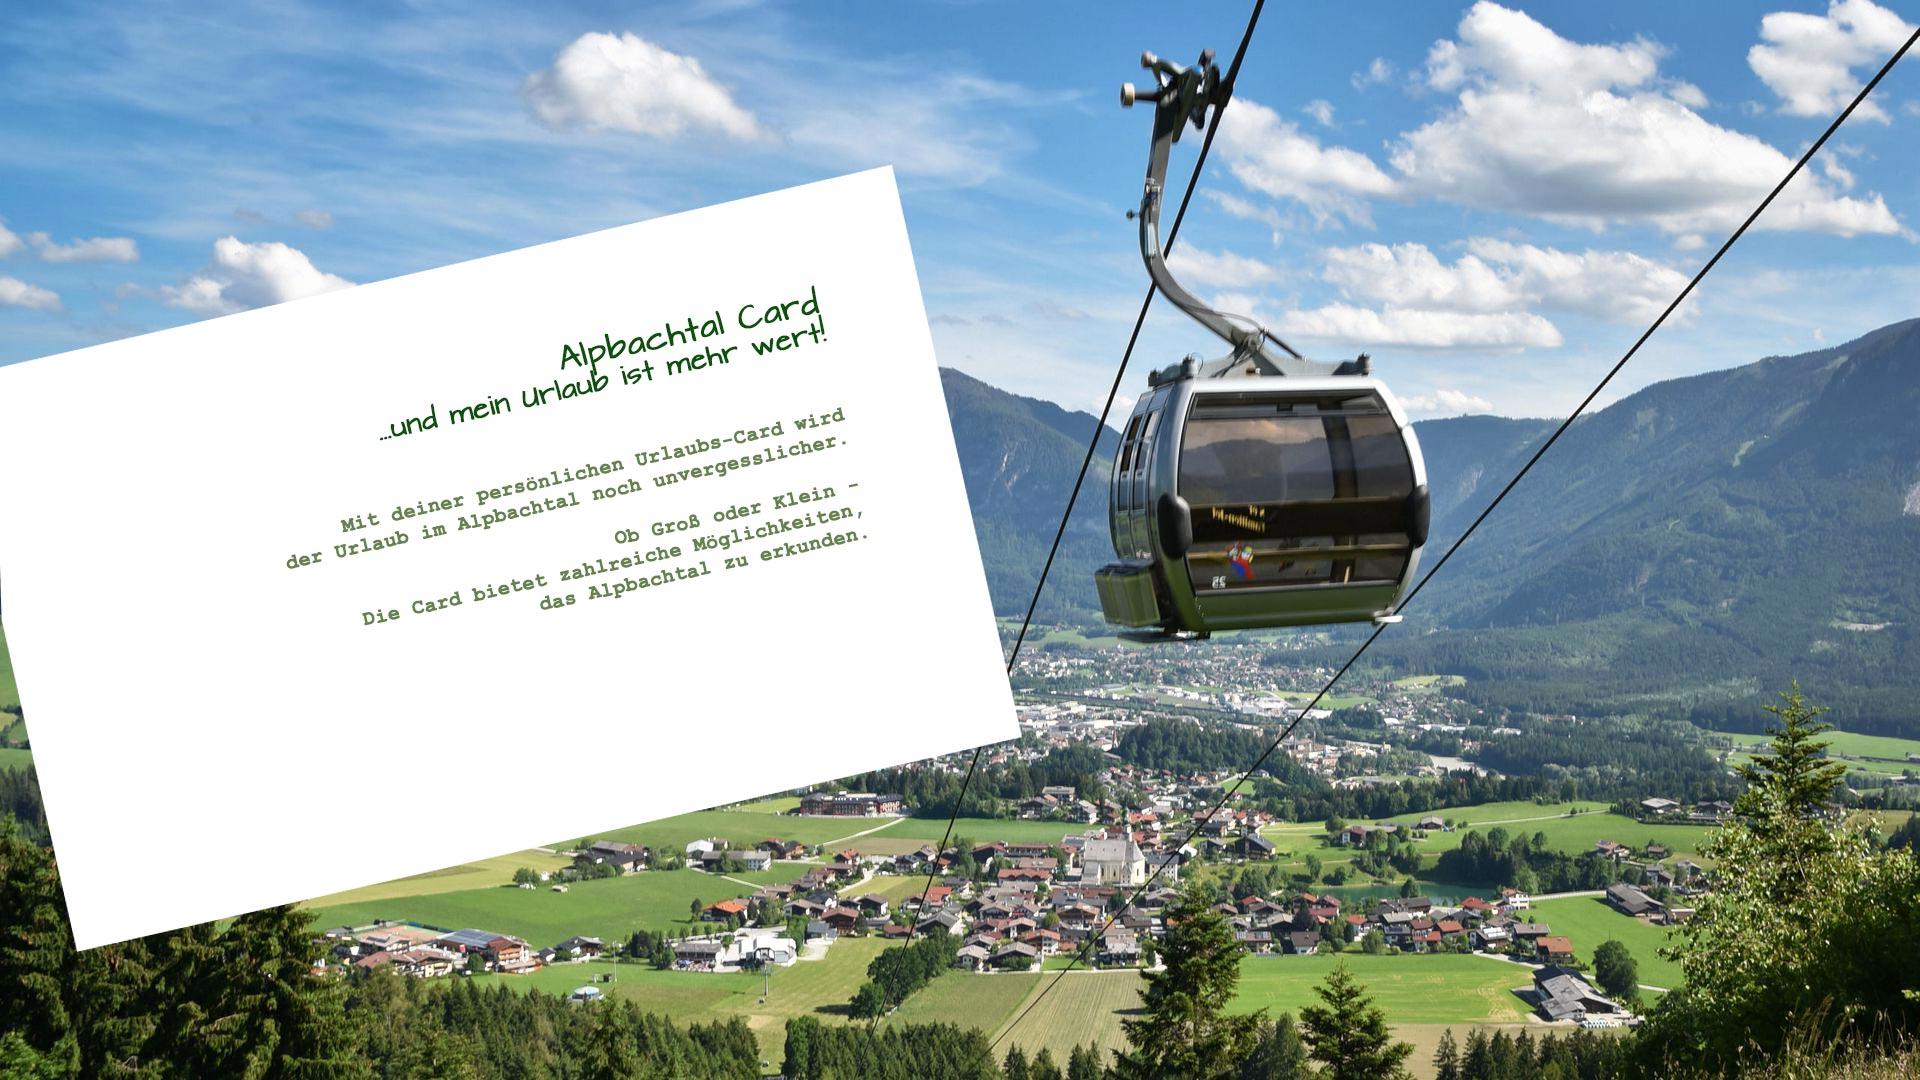 alpbachcard